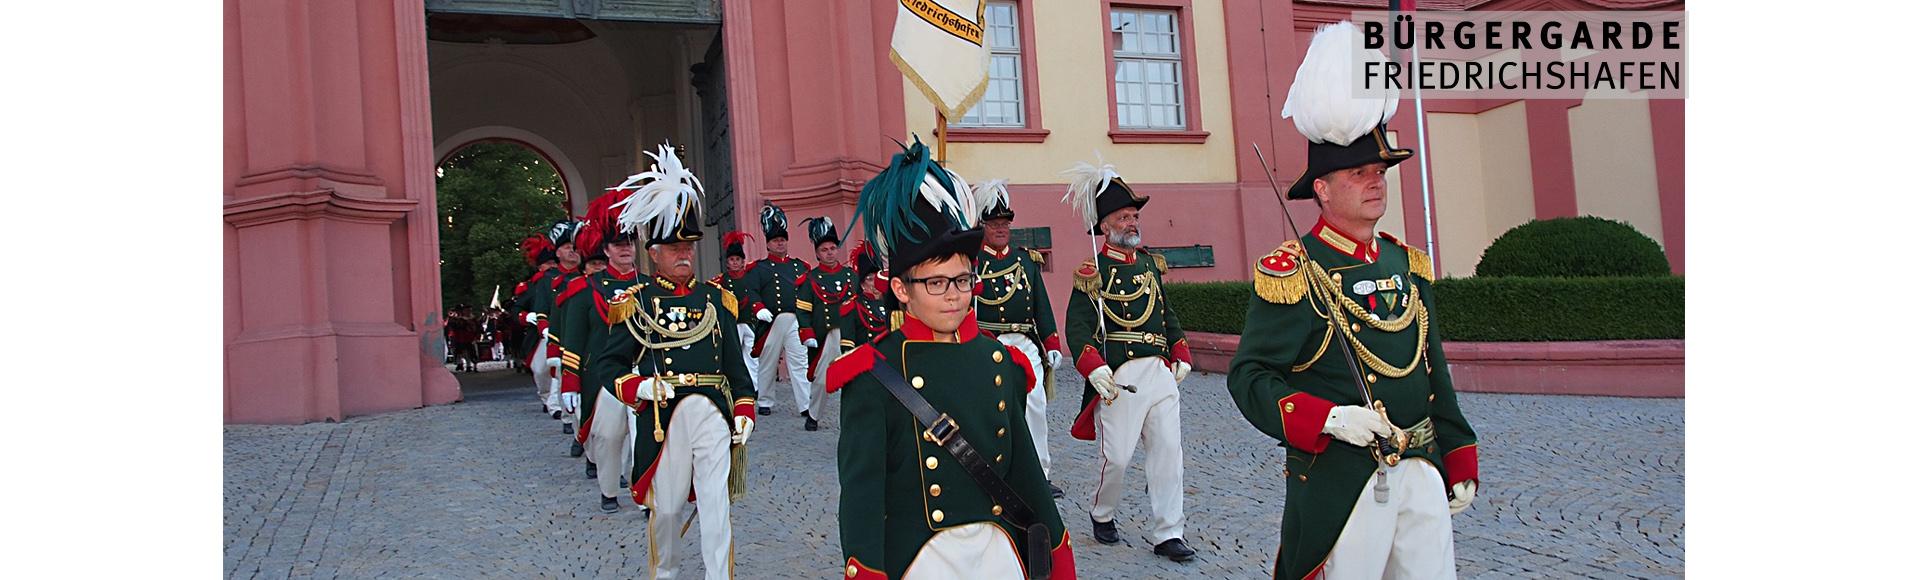 Bürgergarde Friedrichshafen